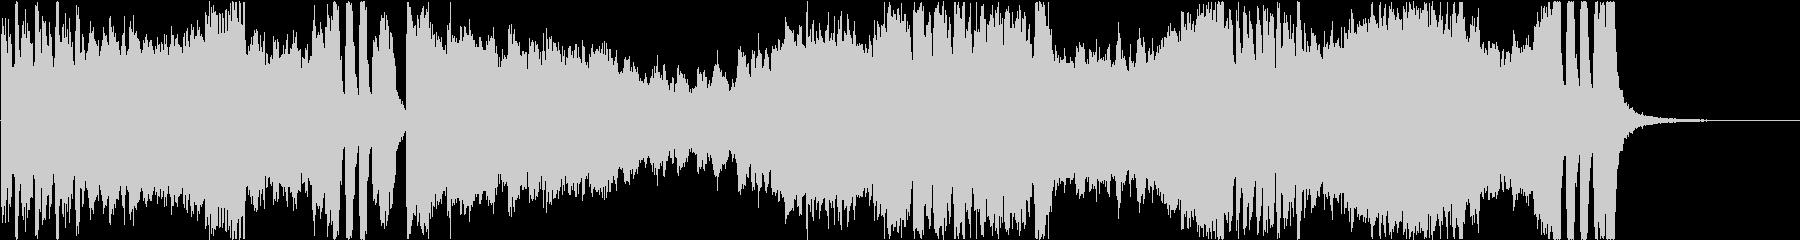 ラヴェルのピアノ曲をクラシカルにアレンジの未再生の波形